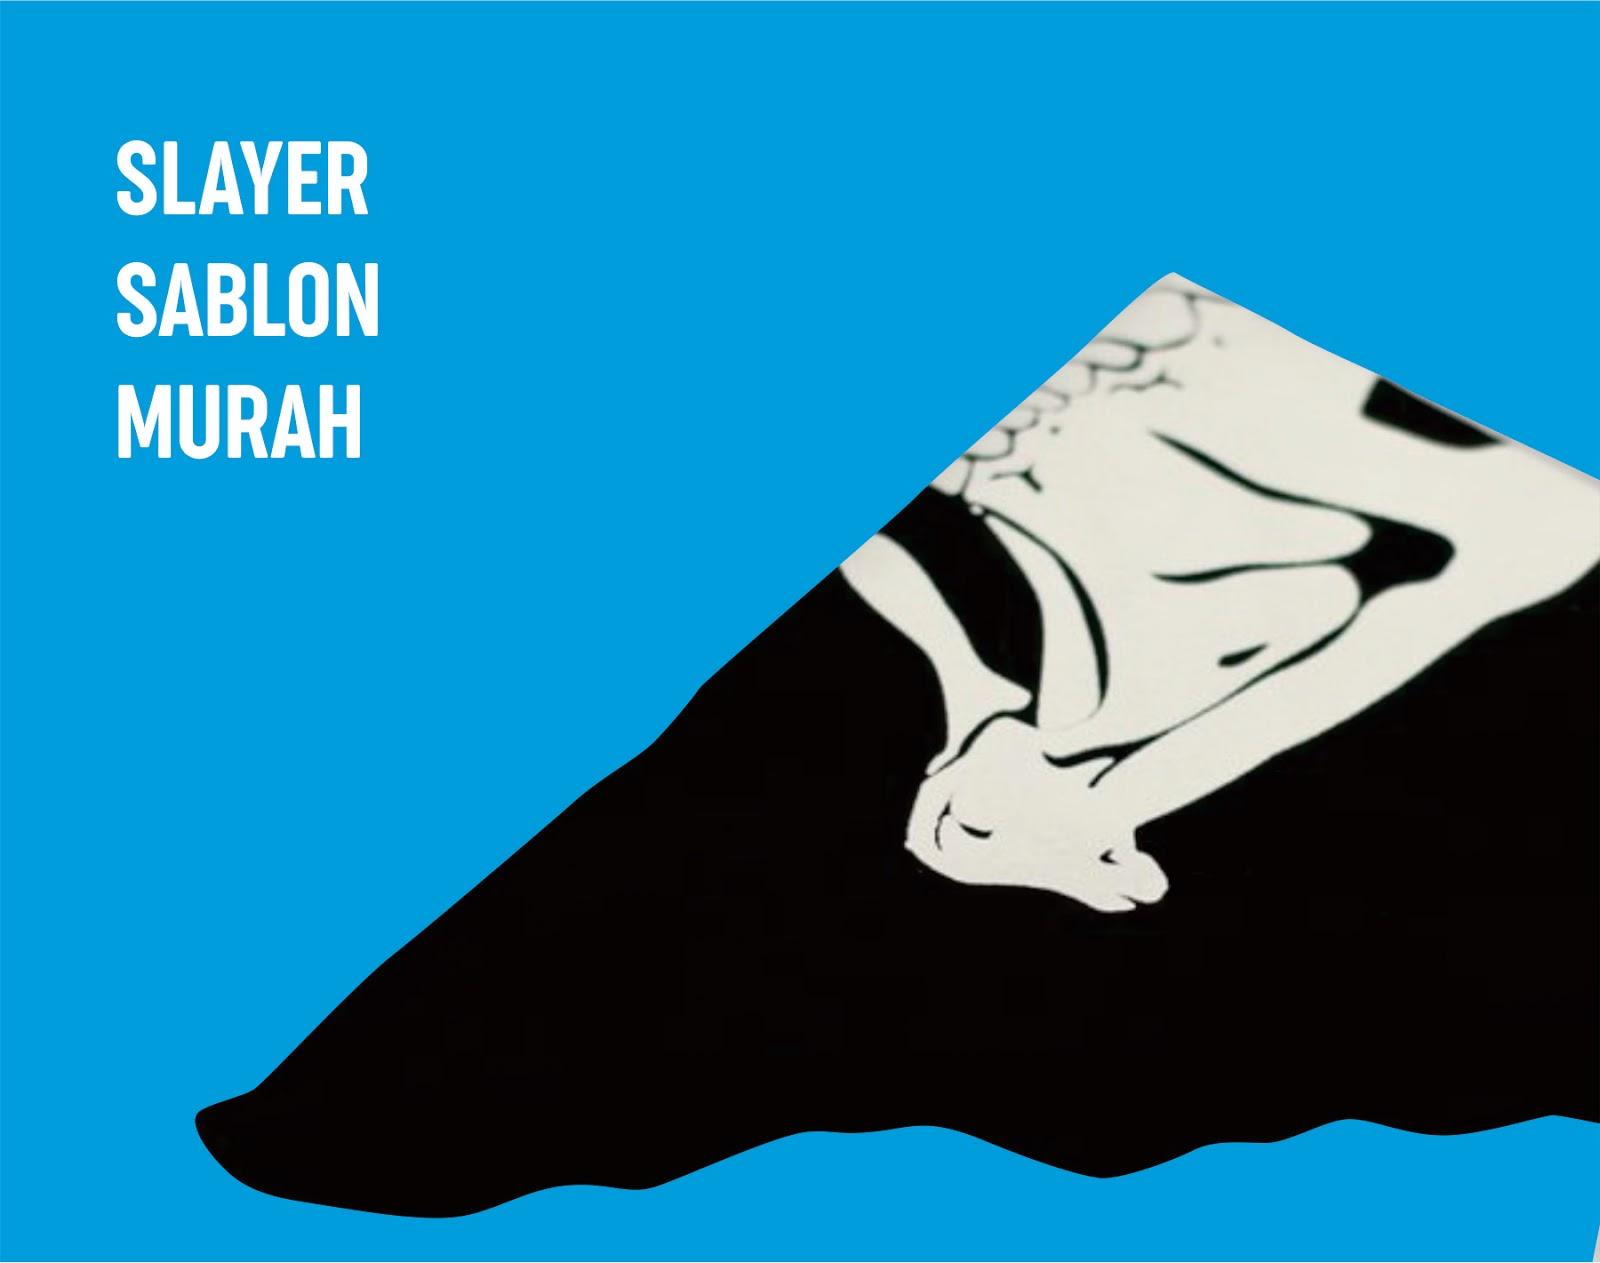 Jasa Pembuatan Slayer Sablon Murah | Sablon Jogja Murah